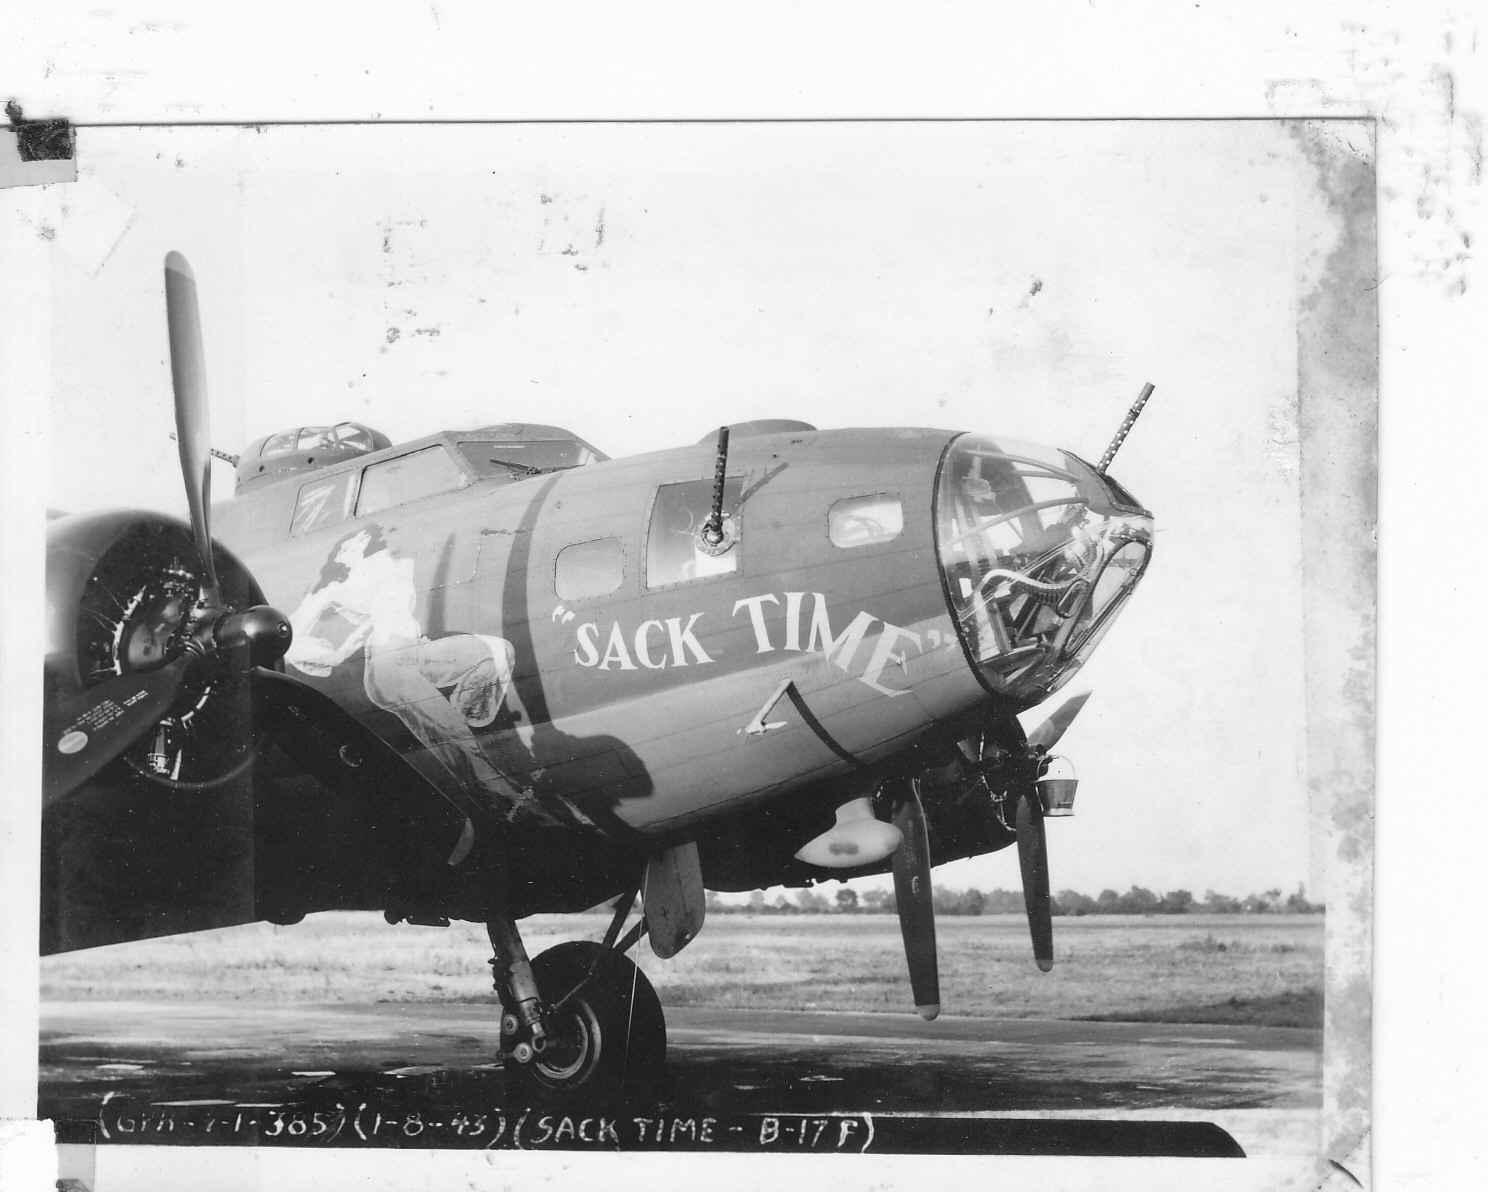 B-17 #42-5914 / Sack Time aka Roger Wilco